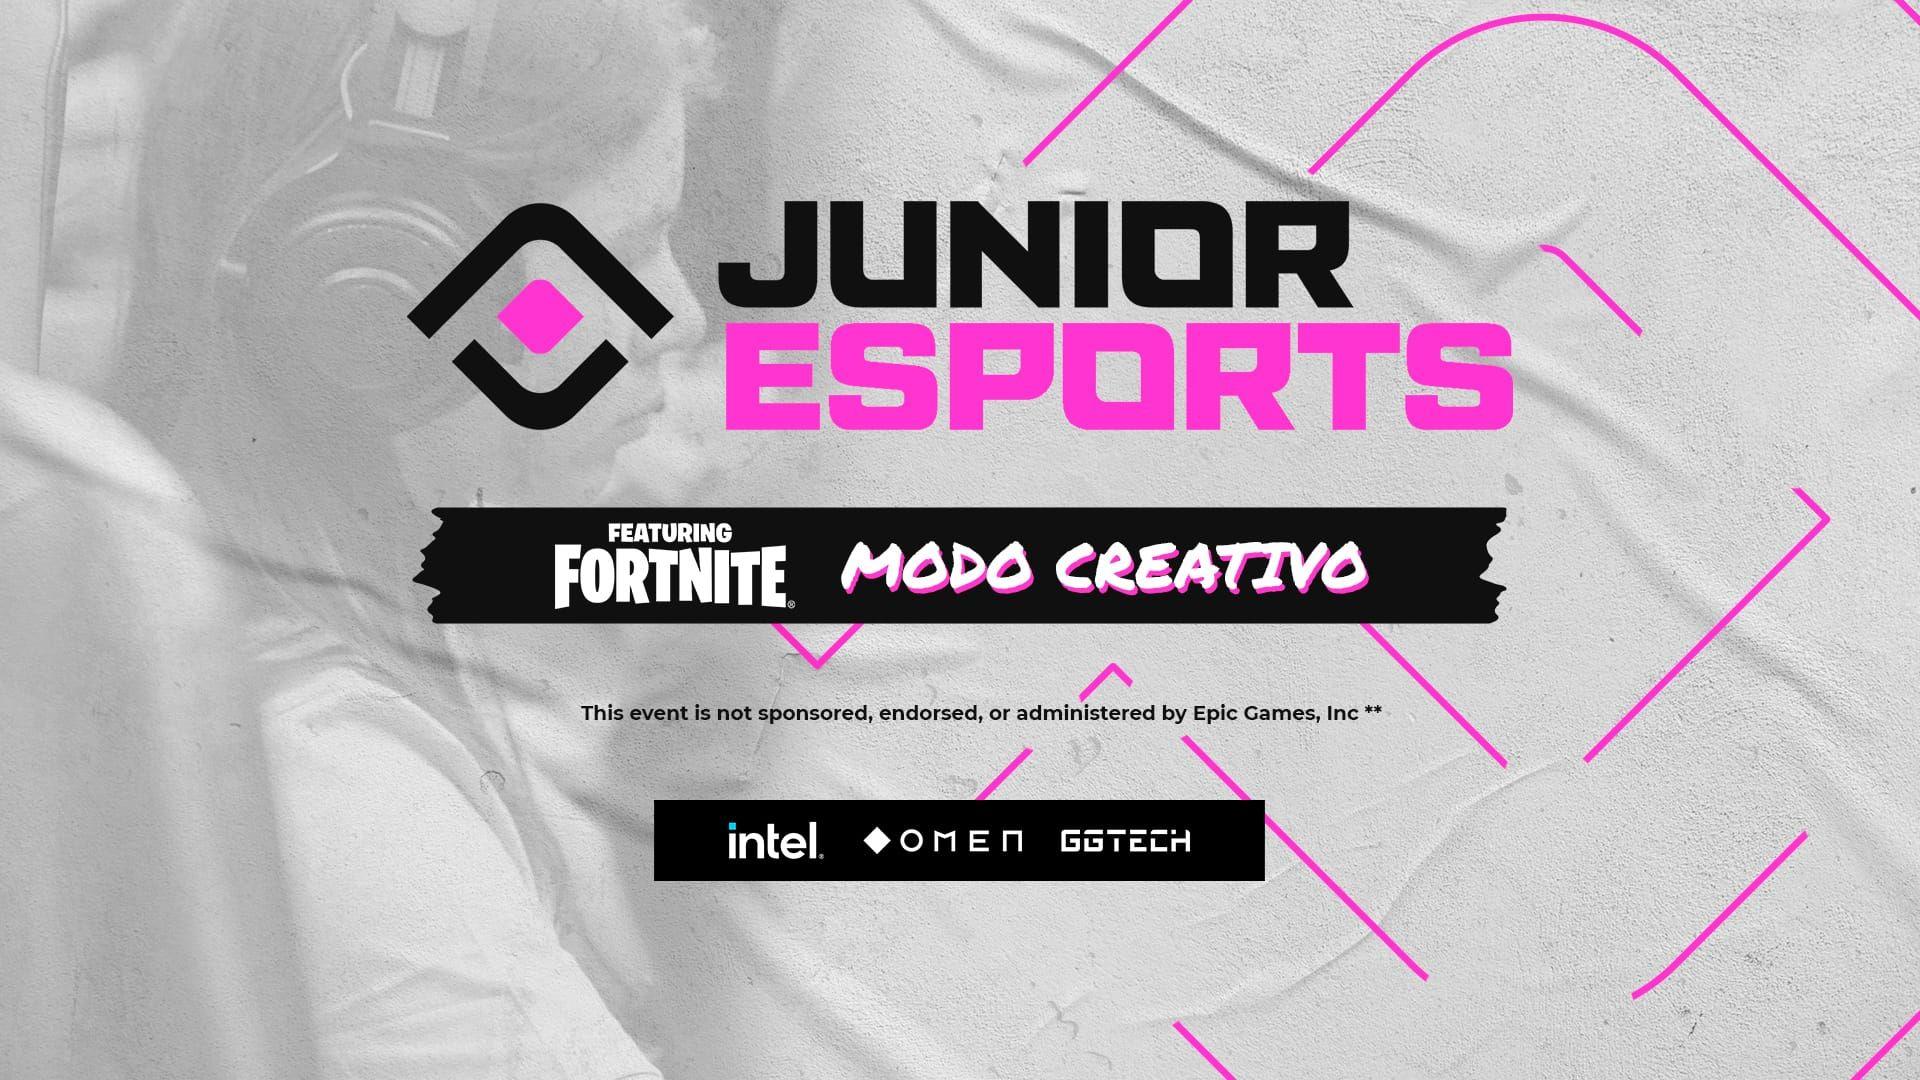 Los participantes de la 5º temporada diseñan juntos con JUNIOR Esports en Creative Mode Featuring Fortnite